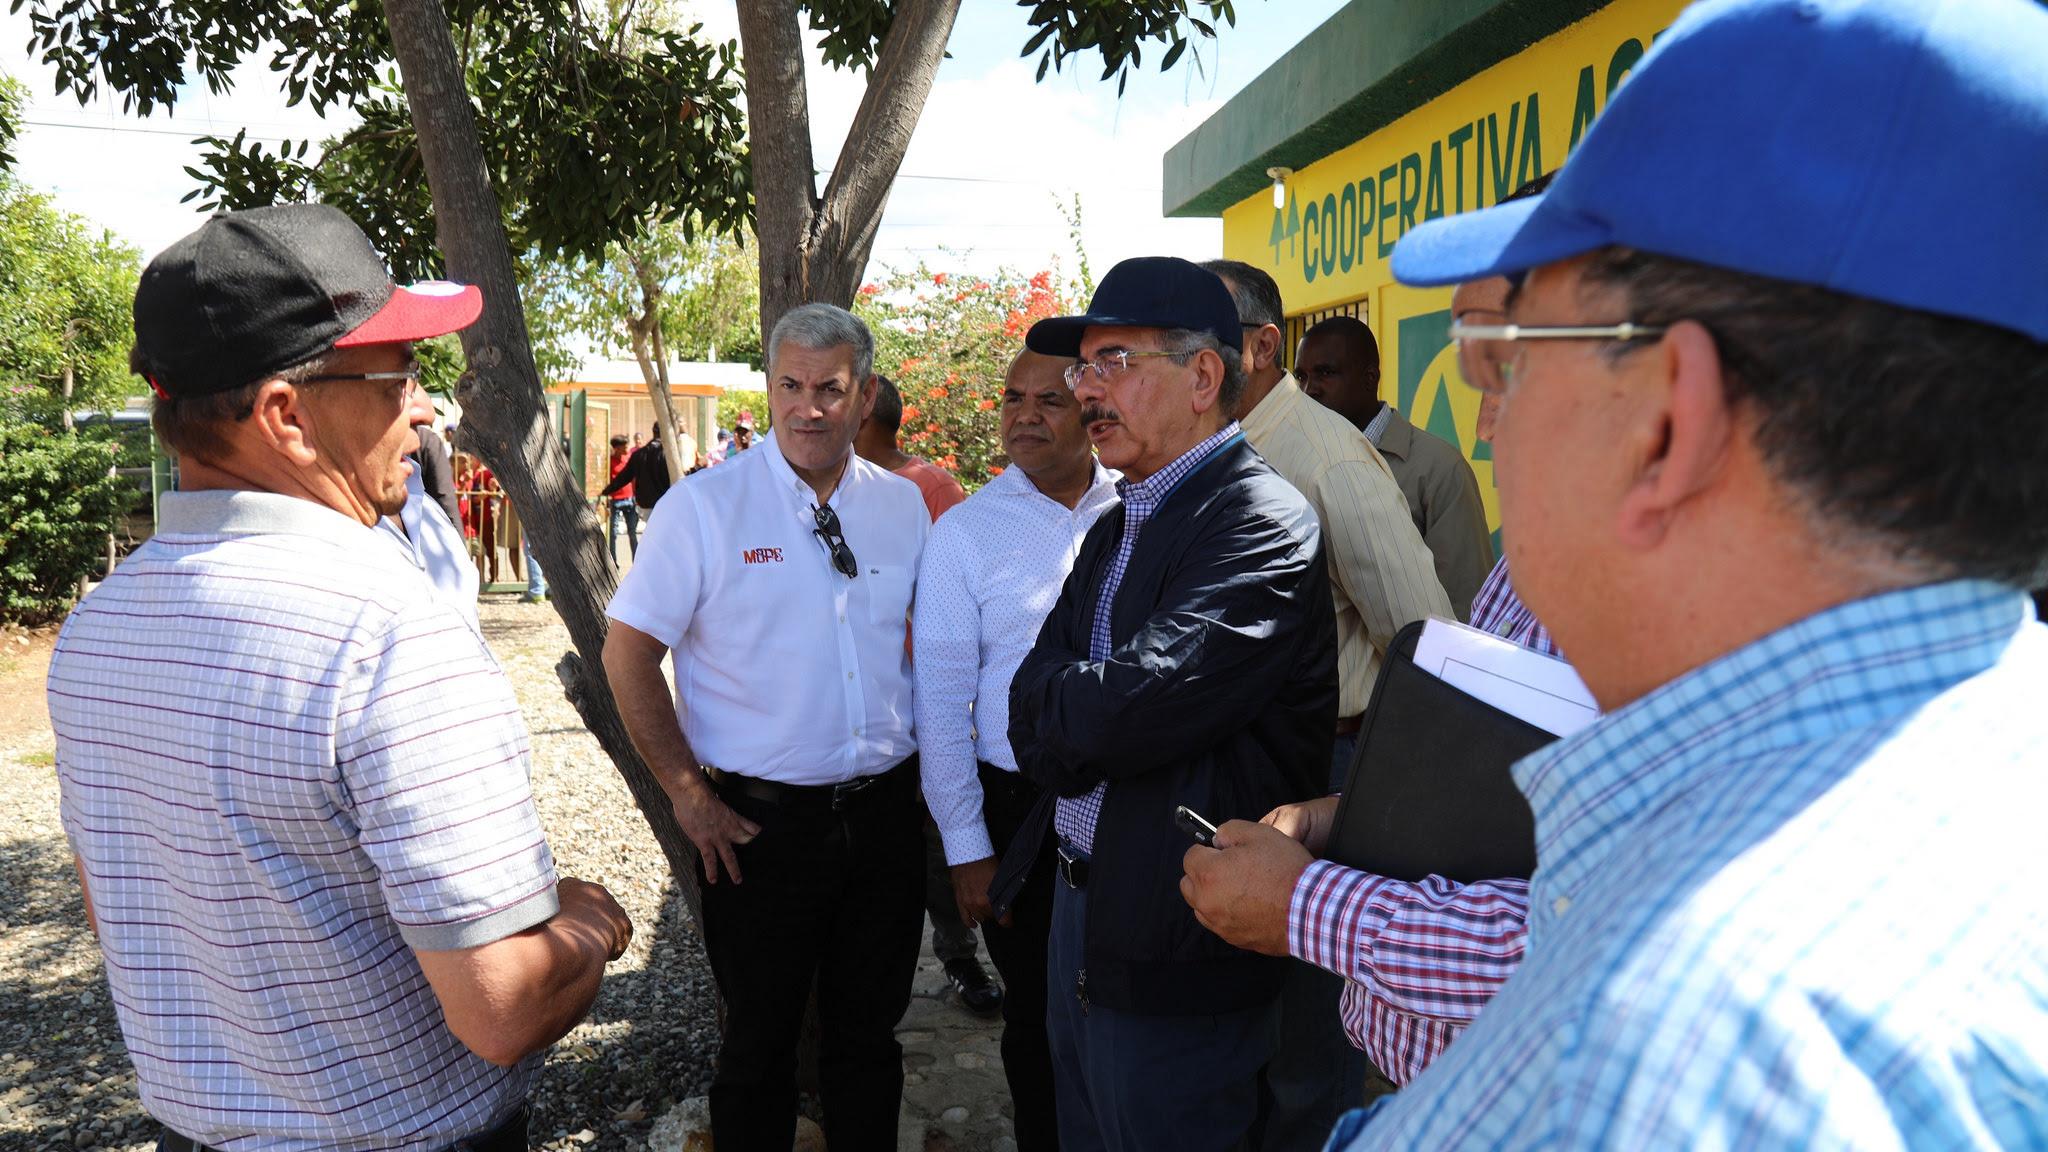 , Diálogo franco con autoridades y comunitarios: Danilo da seguimiento a proyecto en Villa Fundación